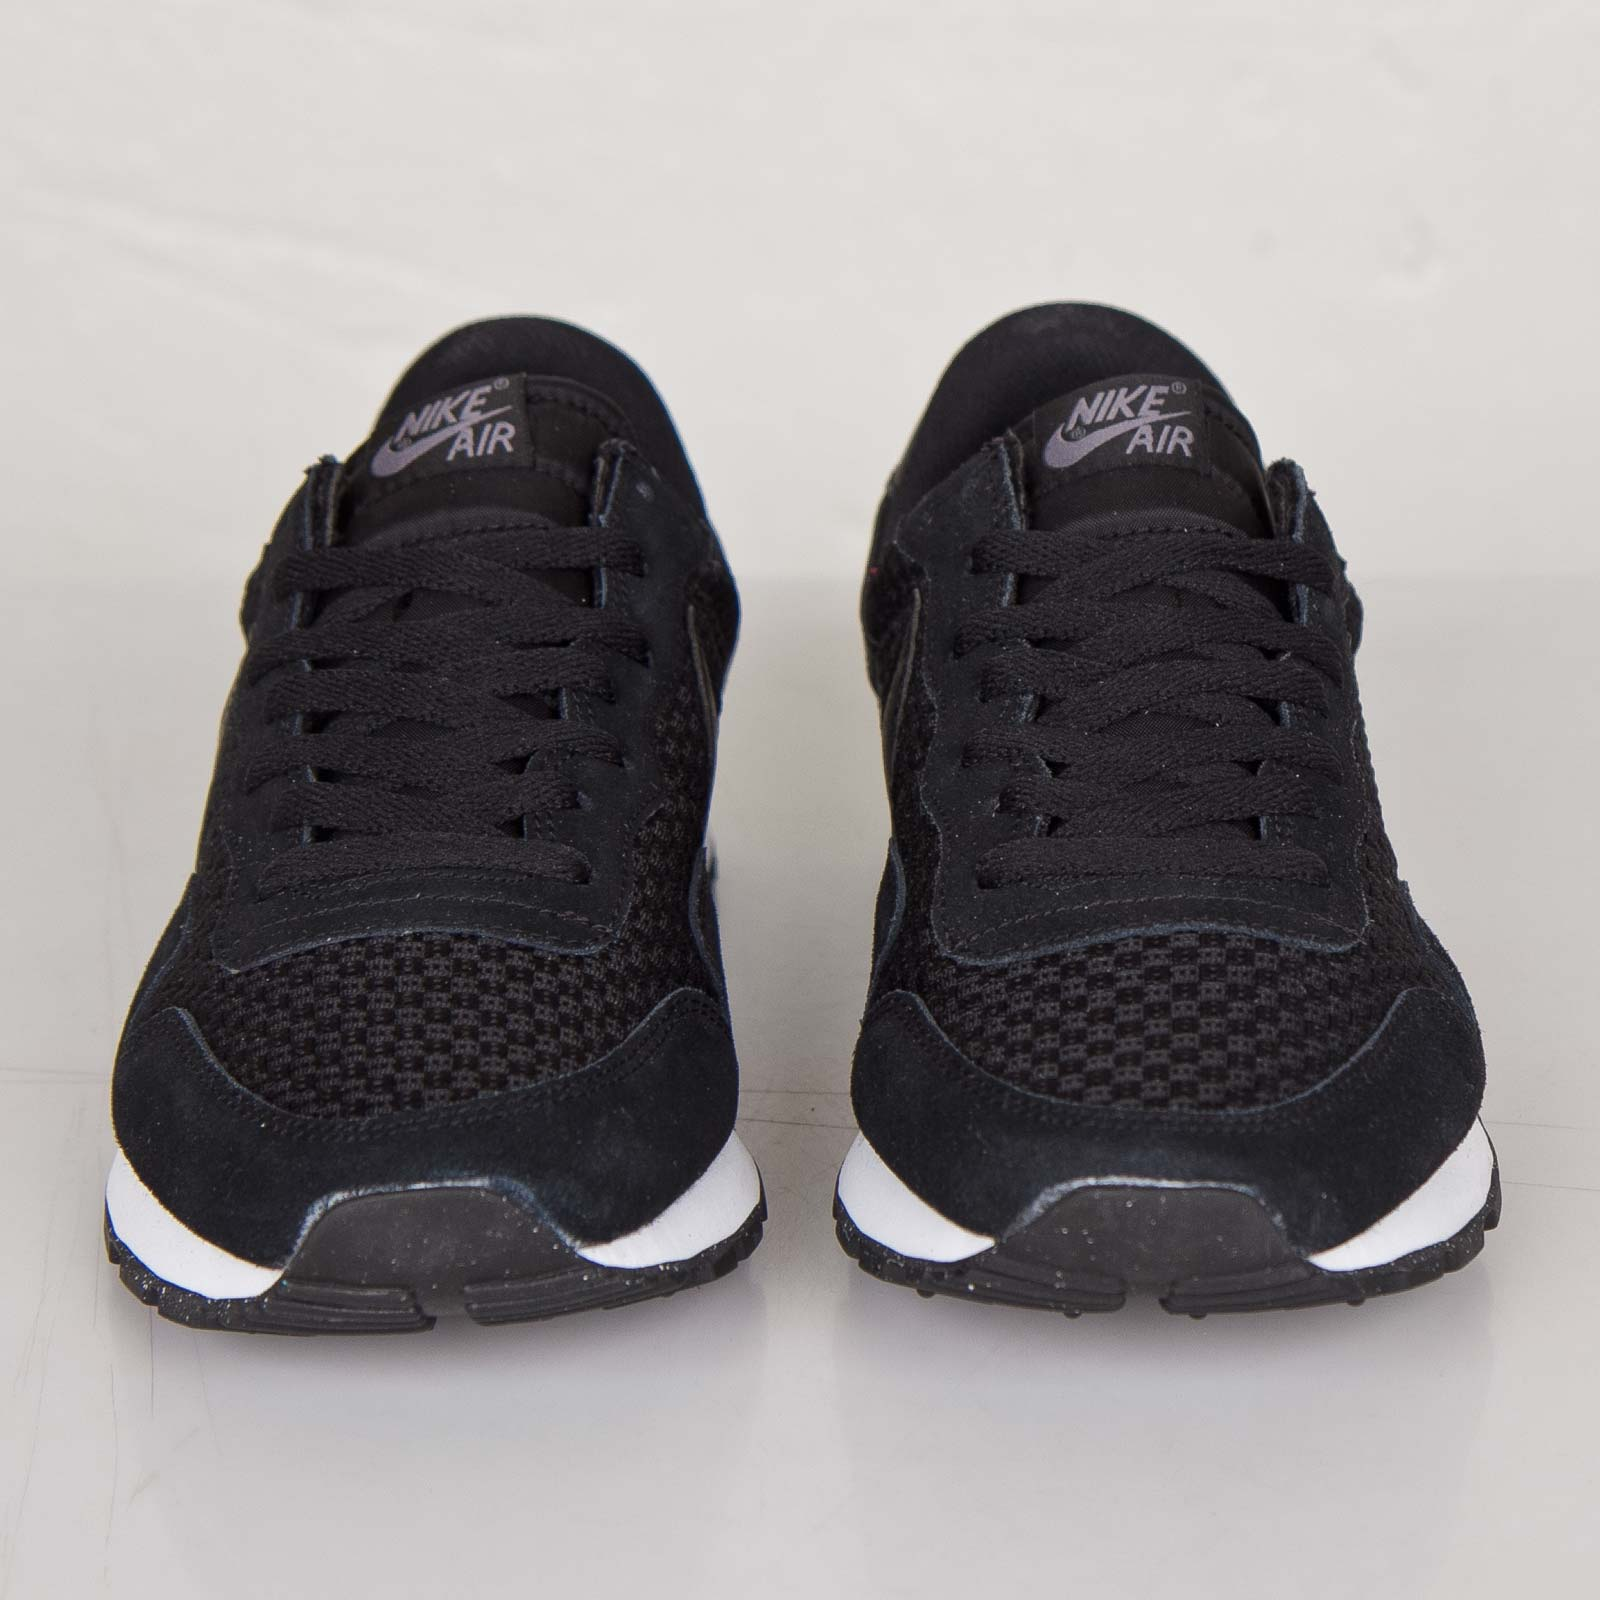 725220 83 Pegasus Nike SneakersnstuffSneakers Woven 001 Air 45R3LqjAc